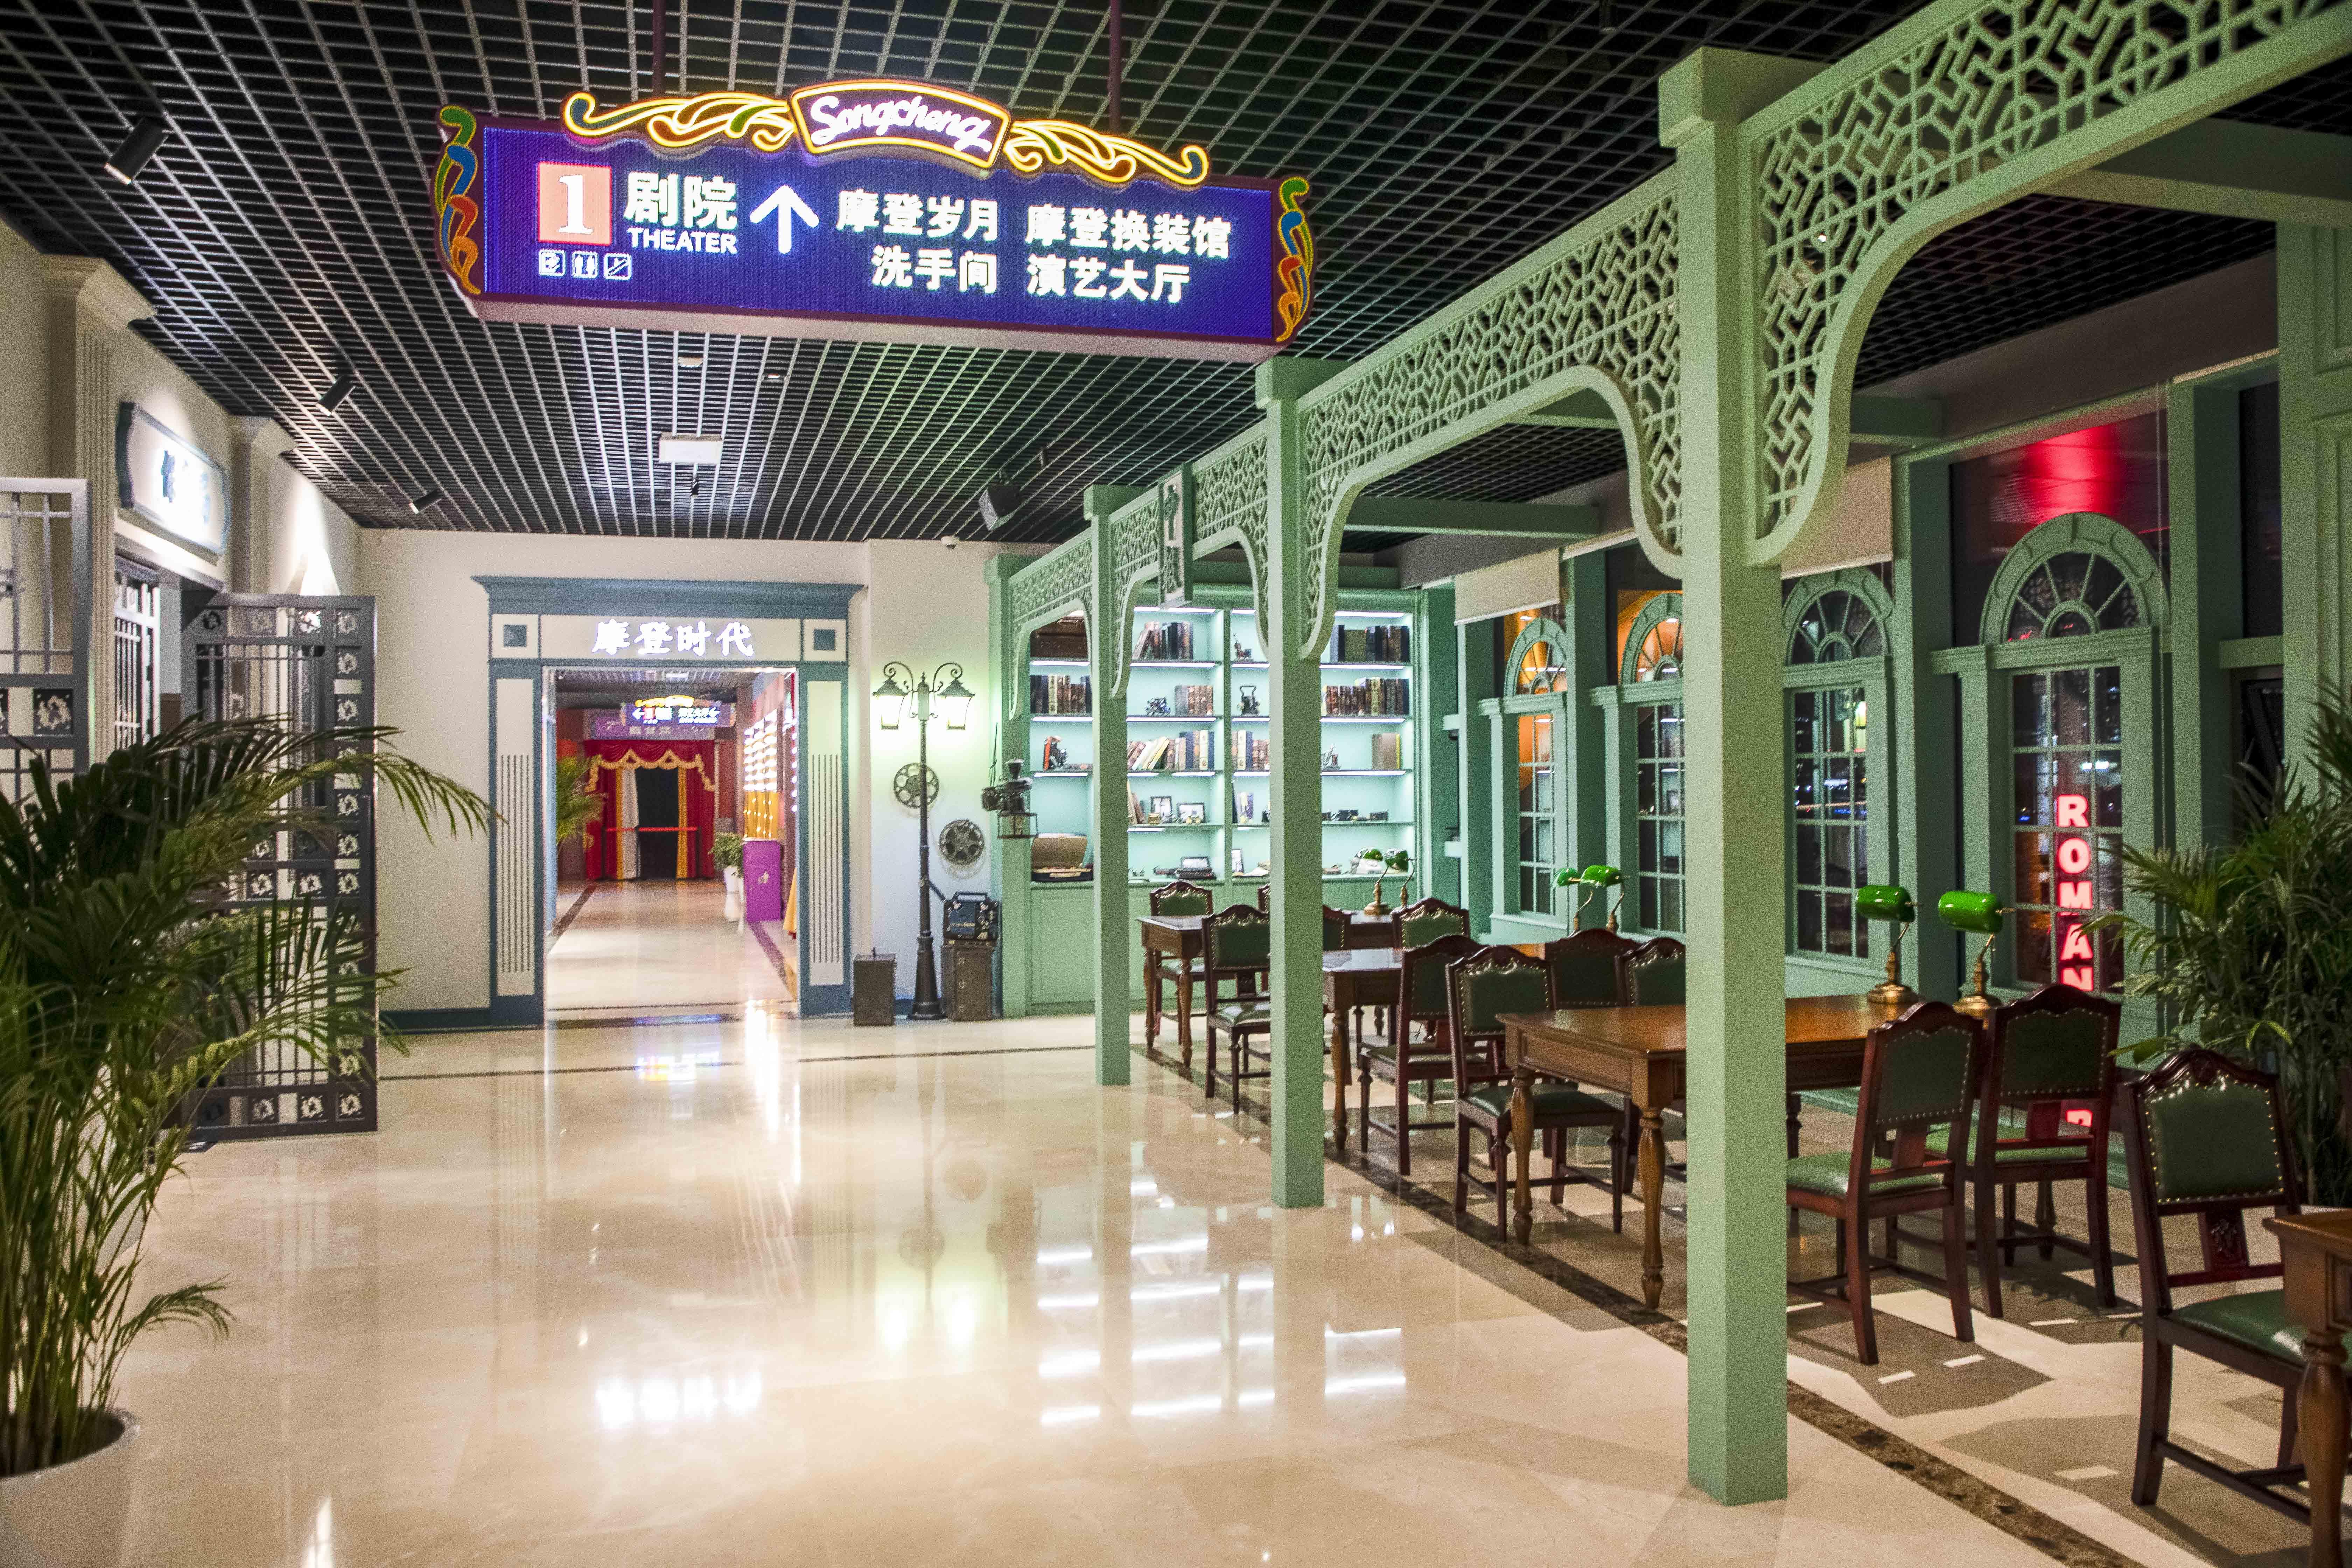 夜游上海新去处,这里有精彩的表演,也有让人沉醉的城市夜景